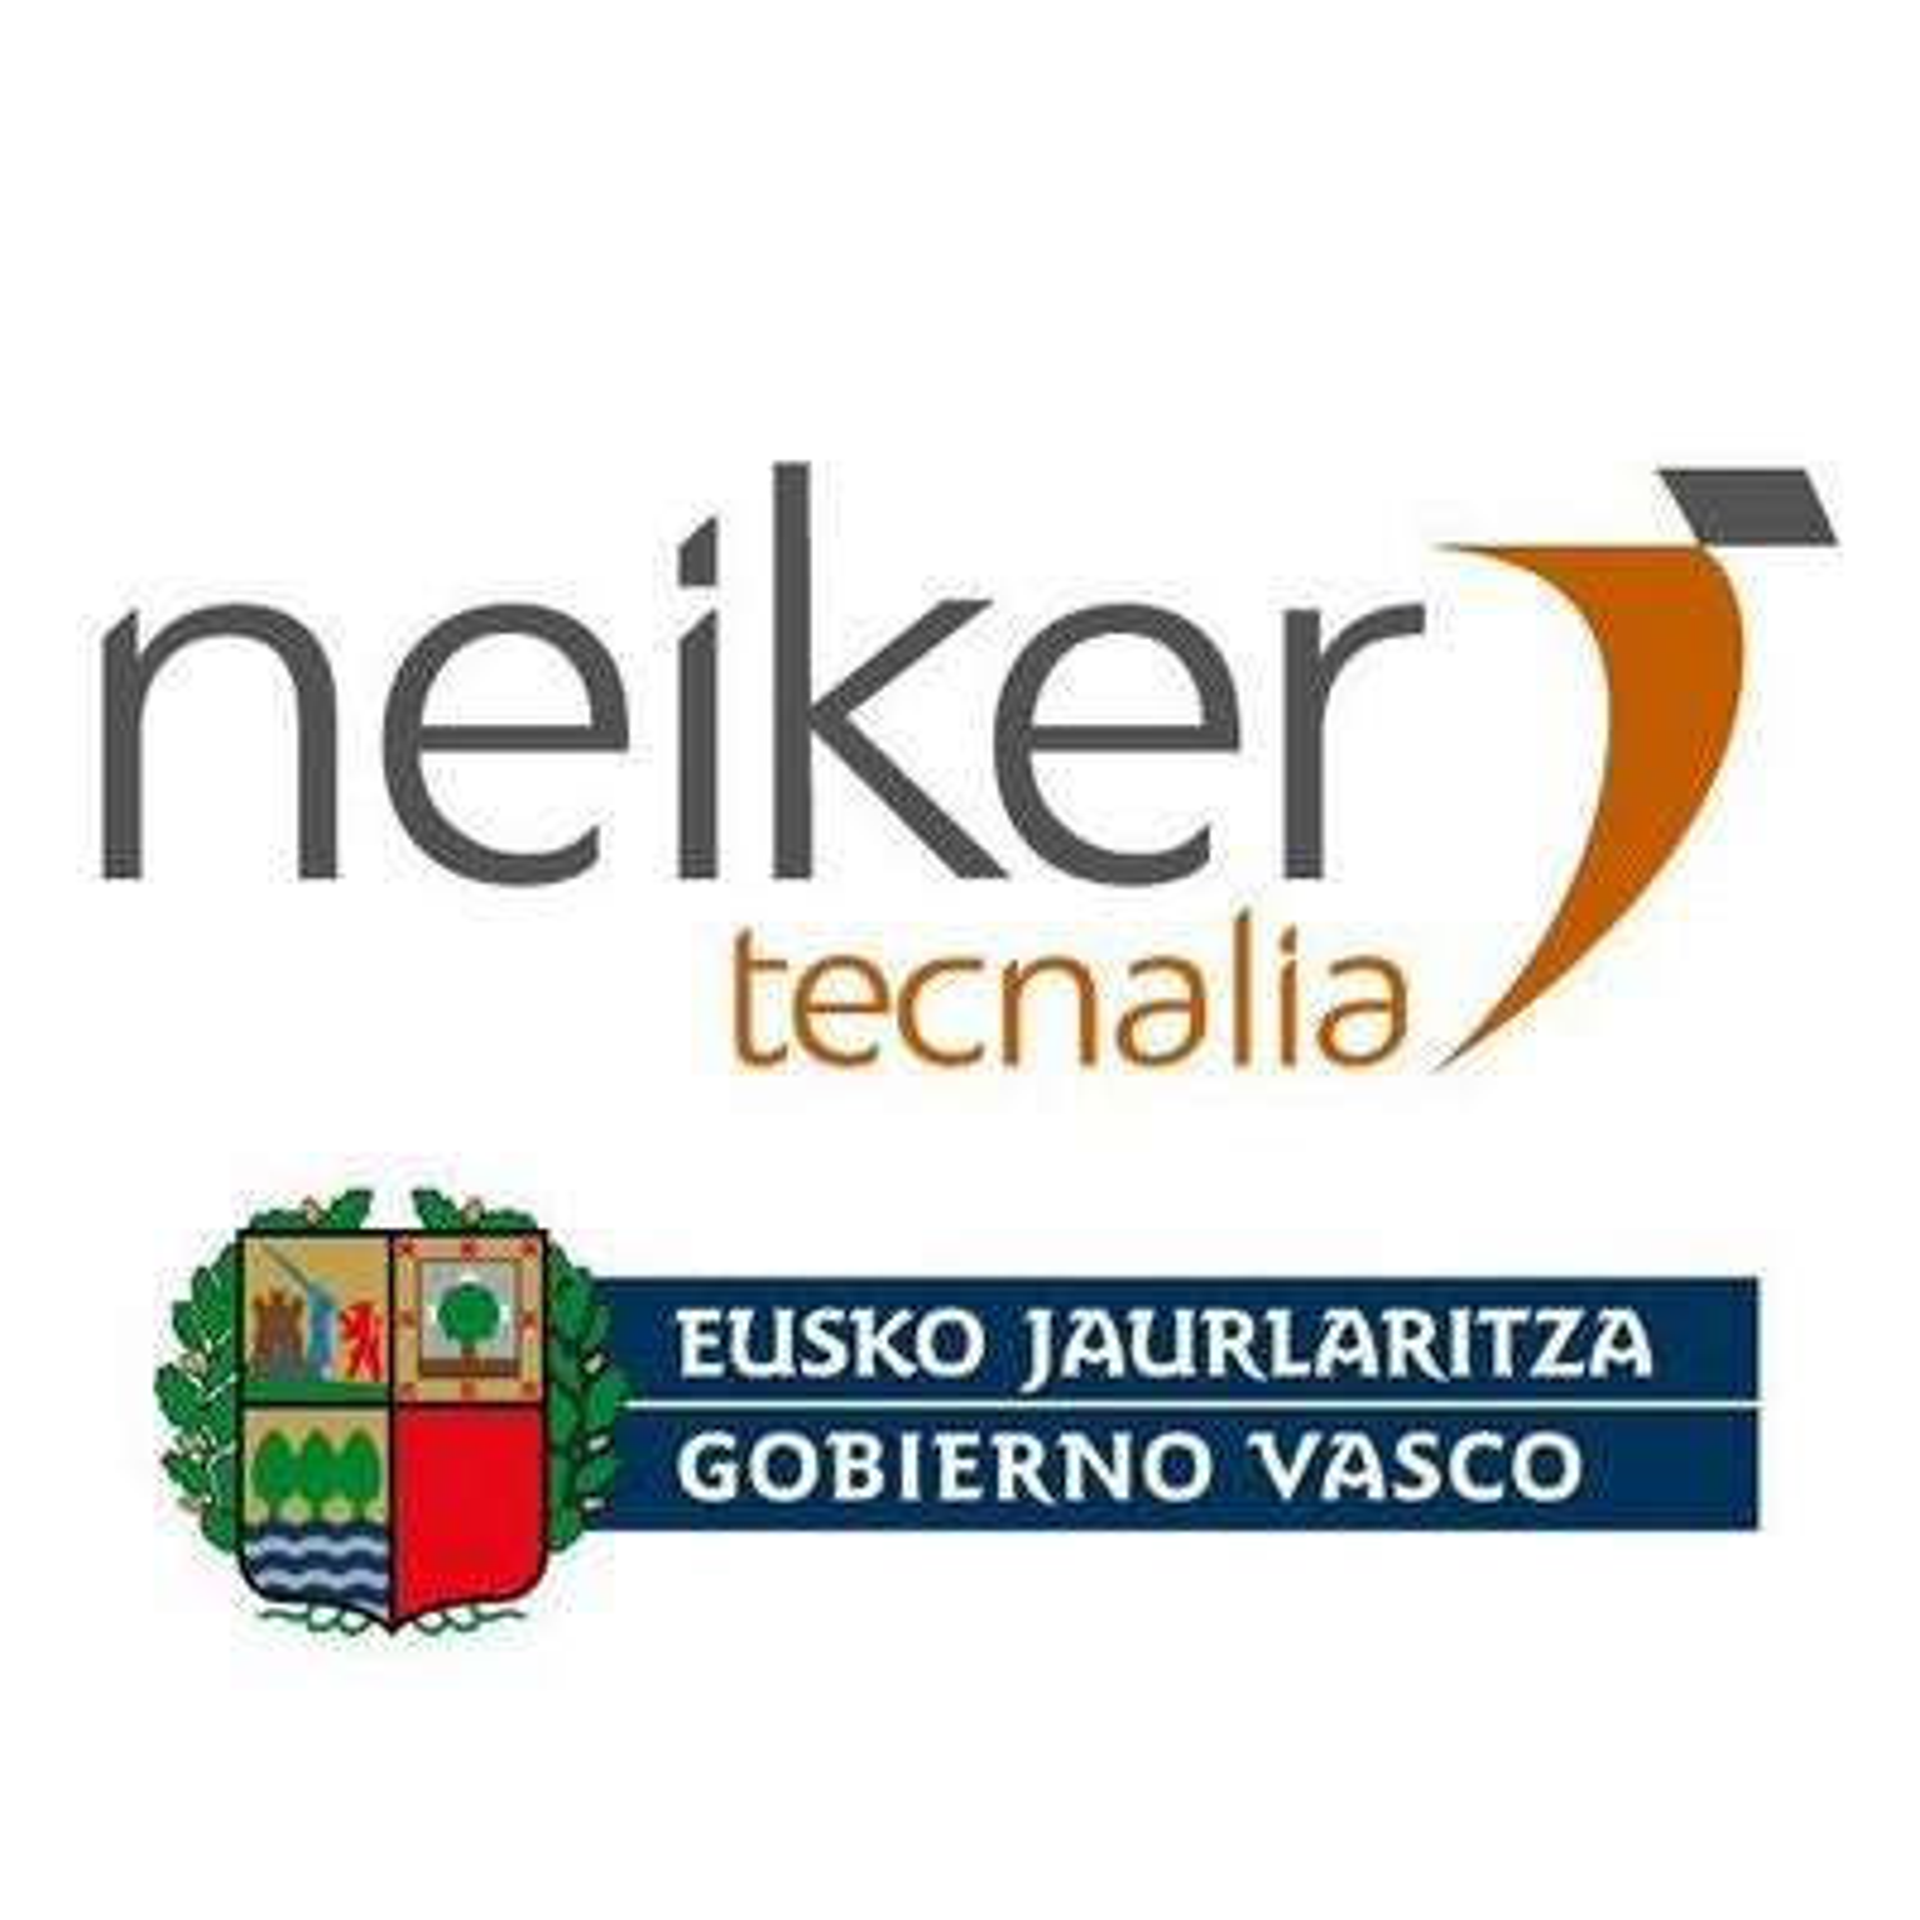 Logo 1548925268.jpeg?ixlib=rb 1.1